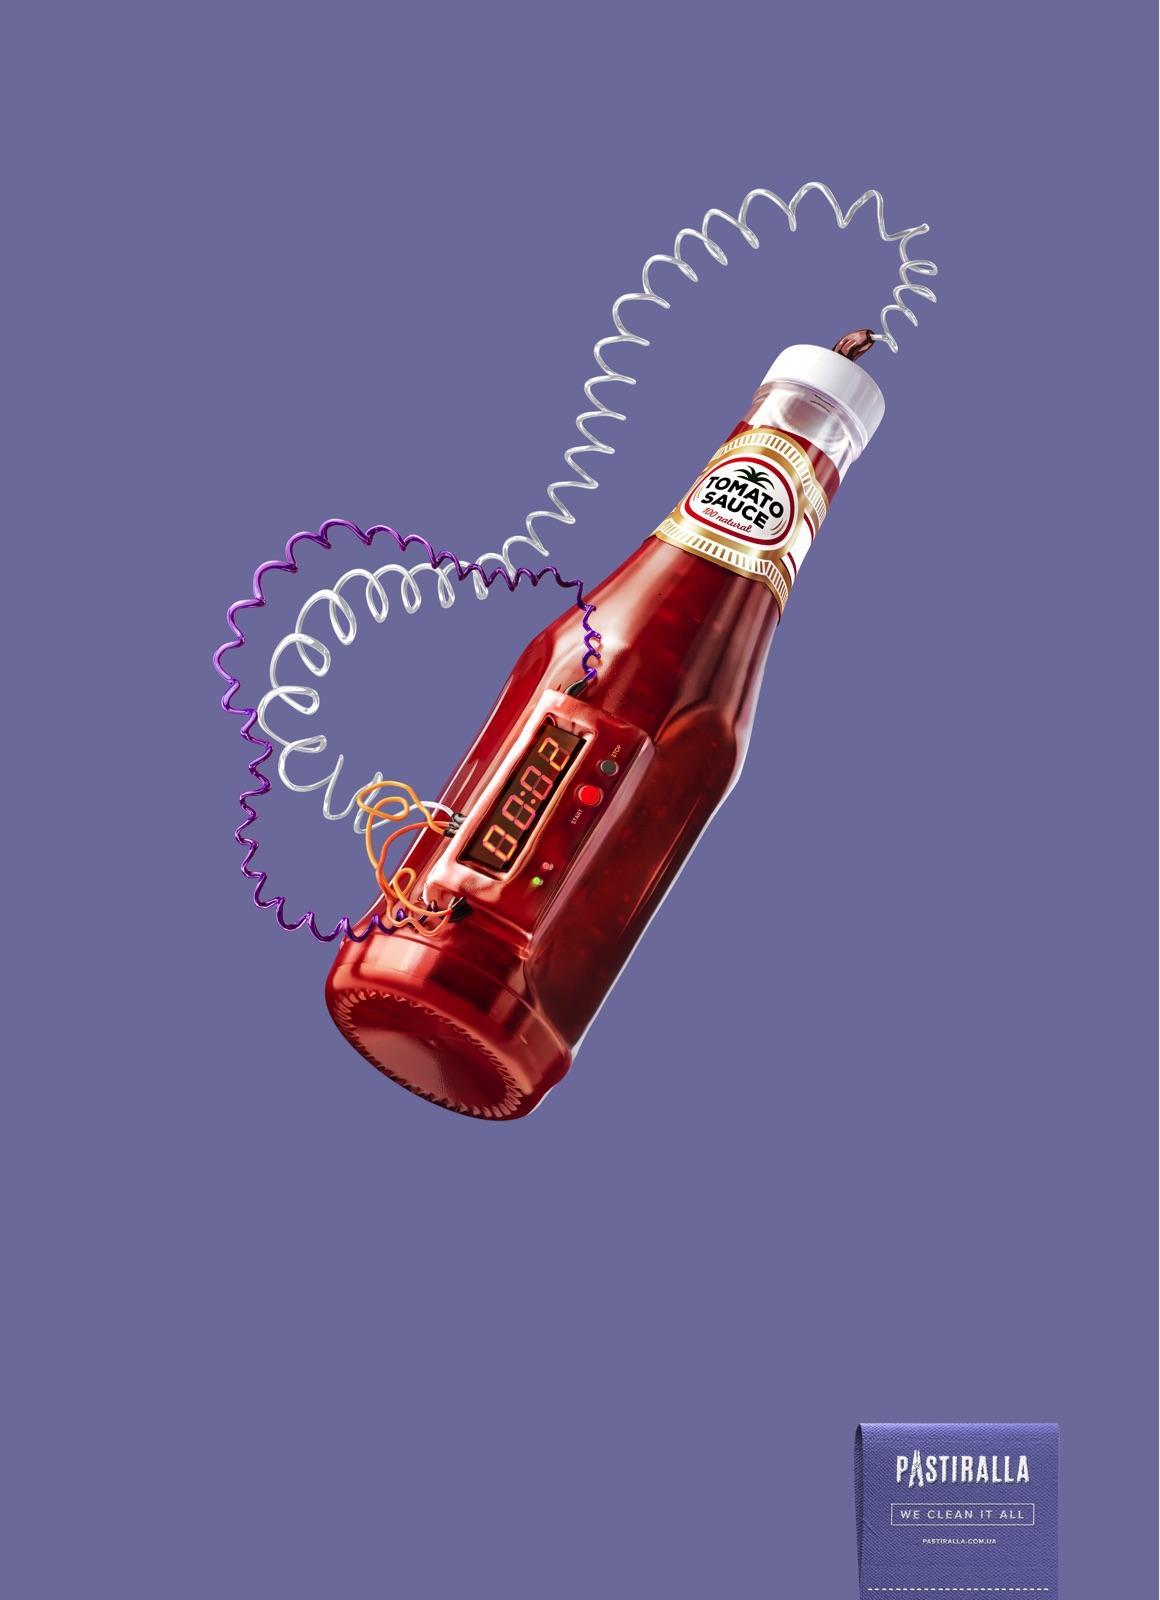 Pastiralla Print Ad - Ketchup